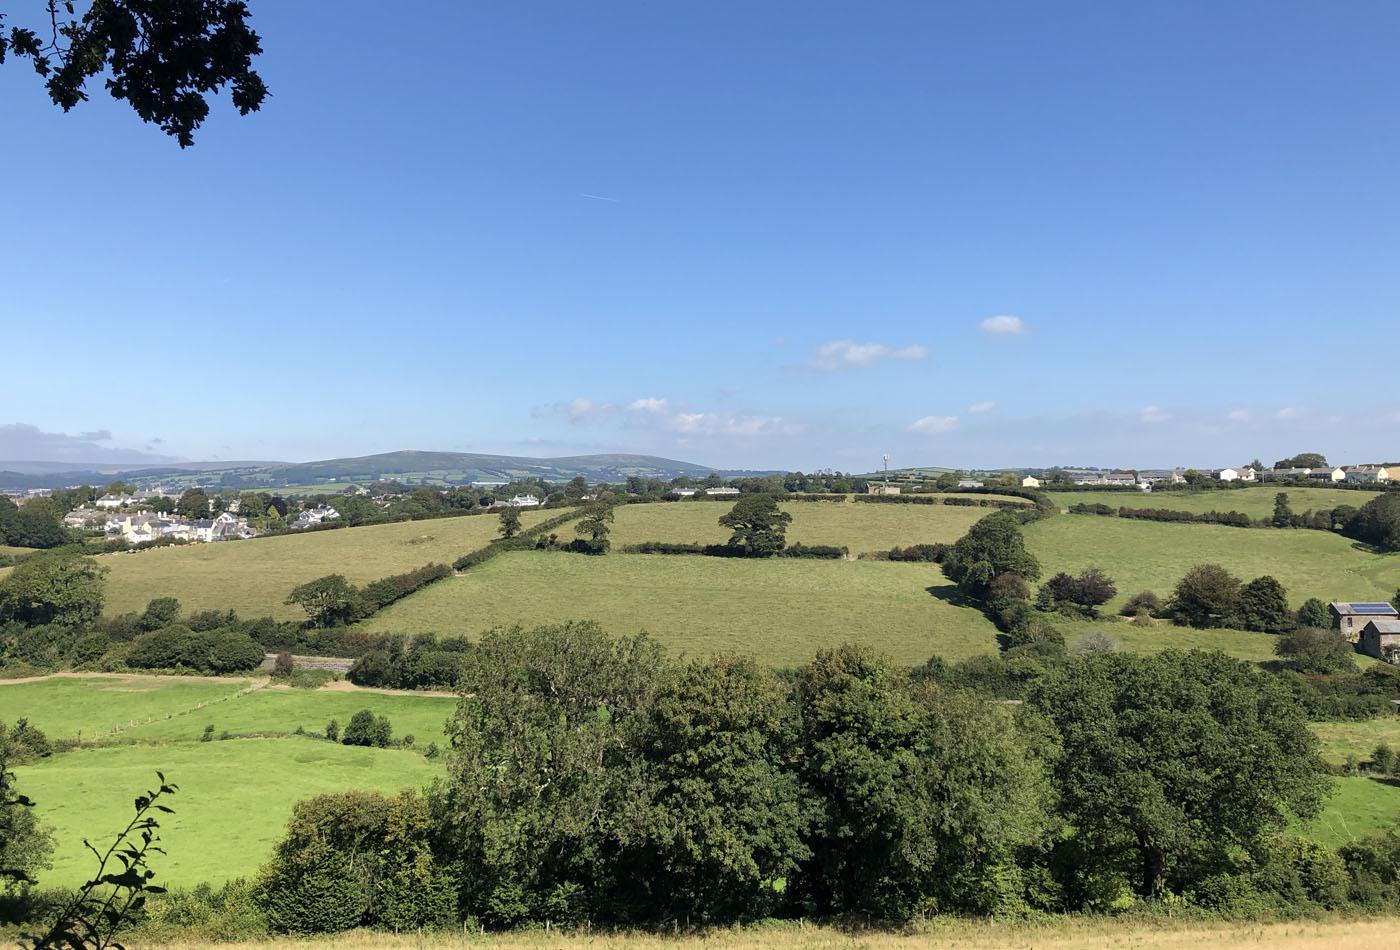 View of Modbury